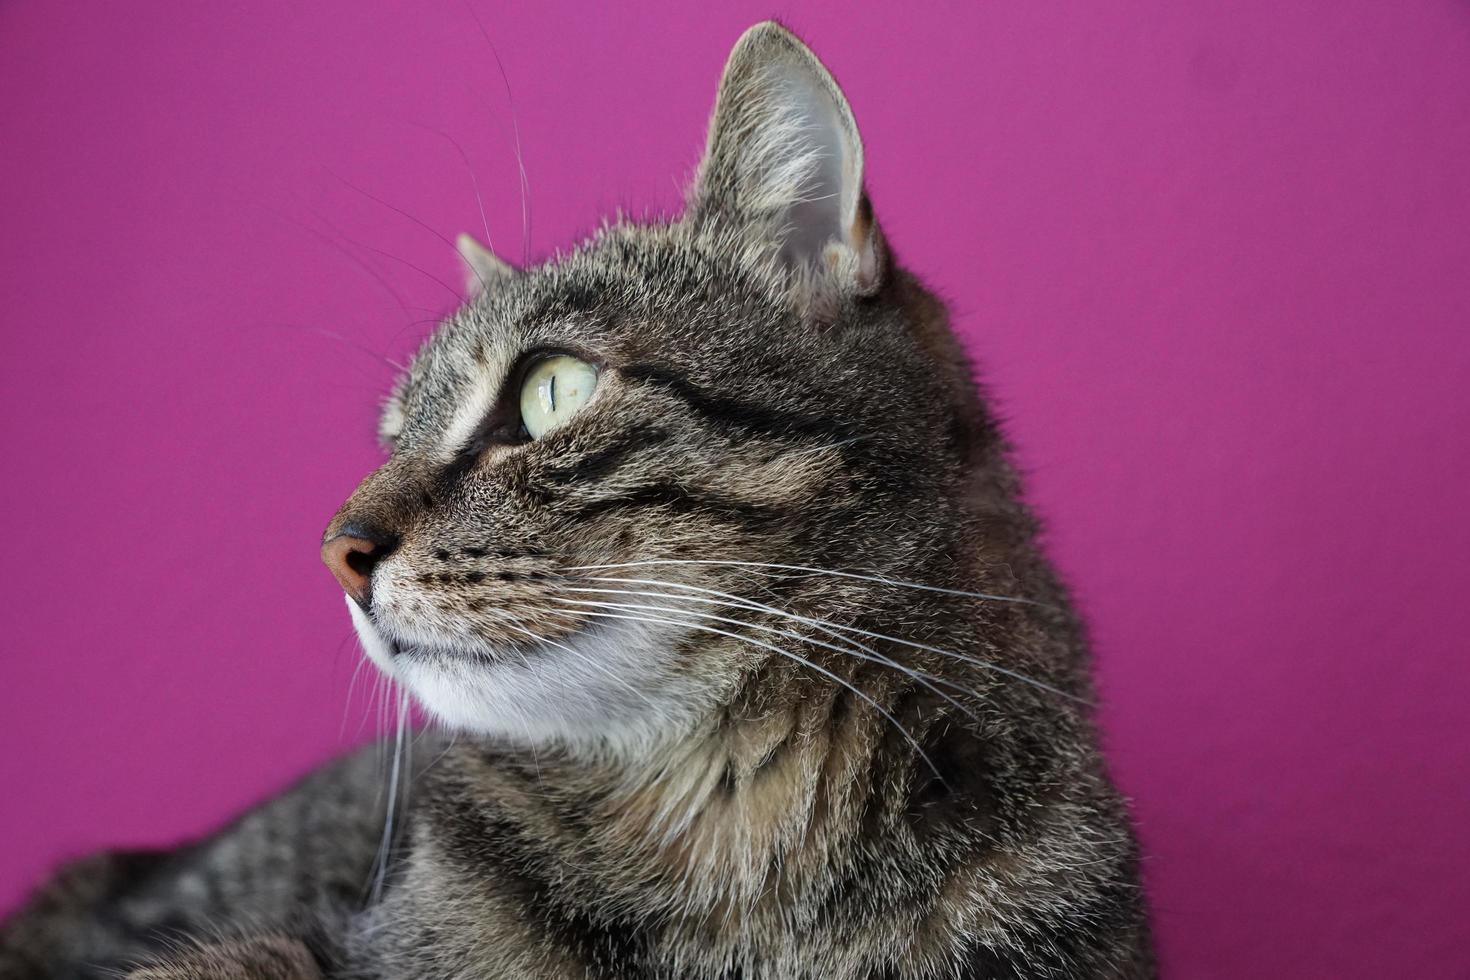 Portrait of a house cat photo